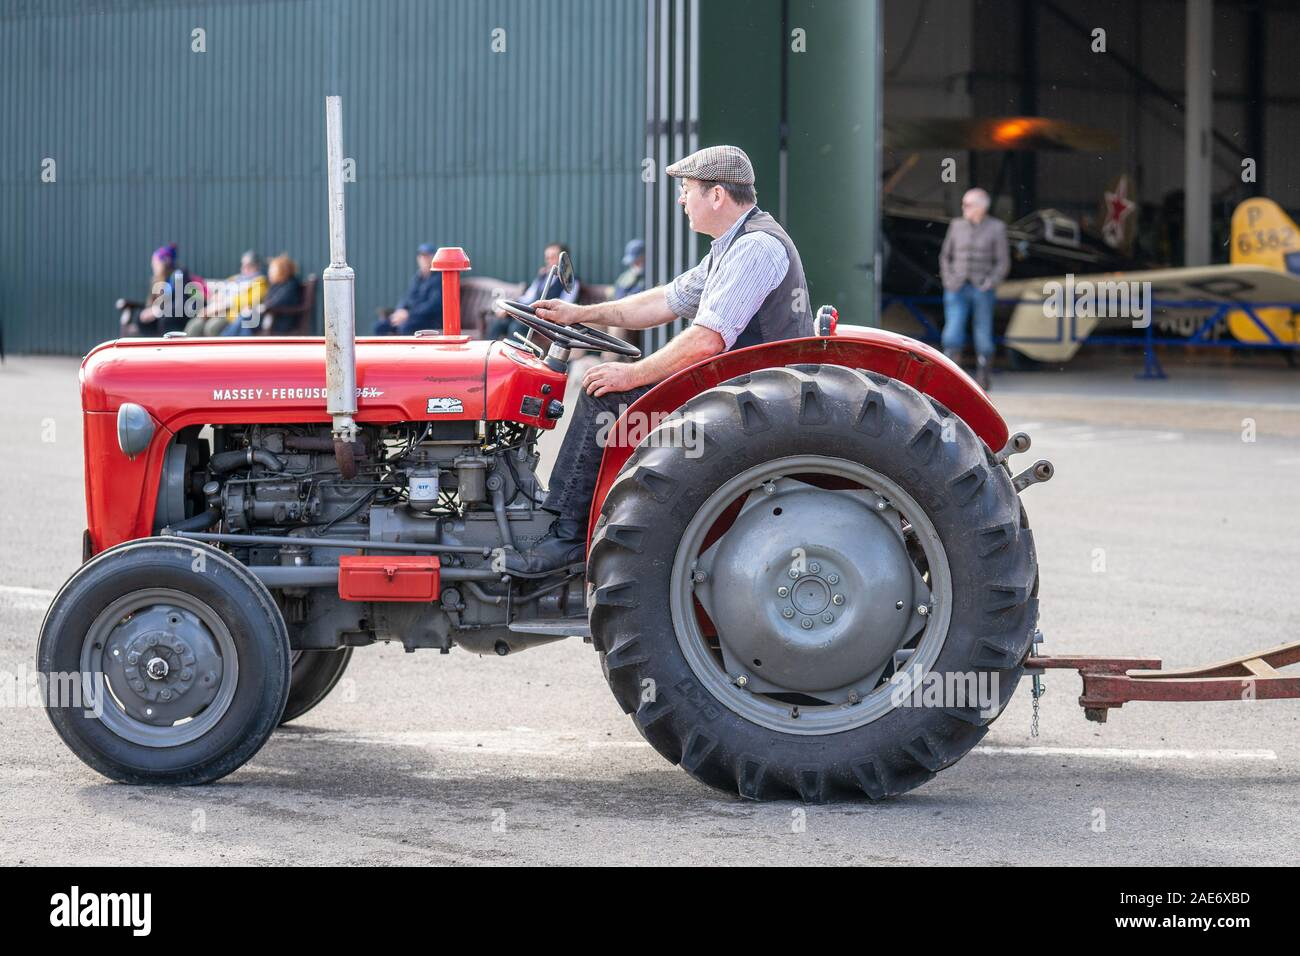 OLD WARDEN, BEDFORDSHIRE, Großbritannien, Oktober 6, 2019. Massey Ferguson beschränkt ist ein amerikanischer Hersteller von landwirtschaftlichen Geräten Stockfoto